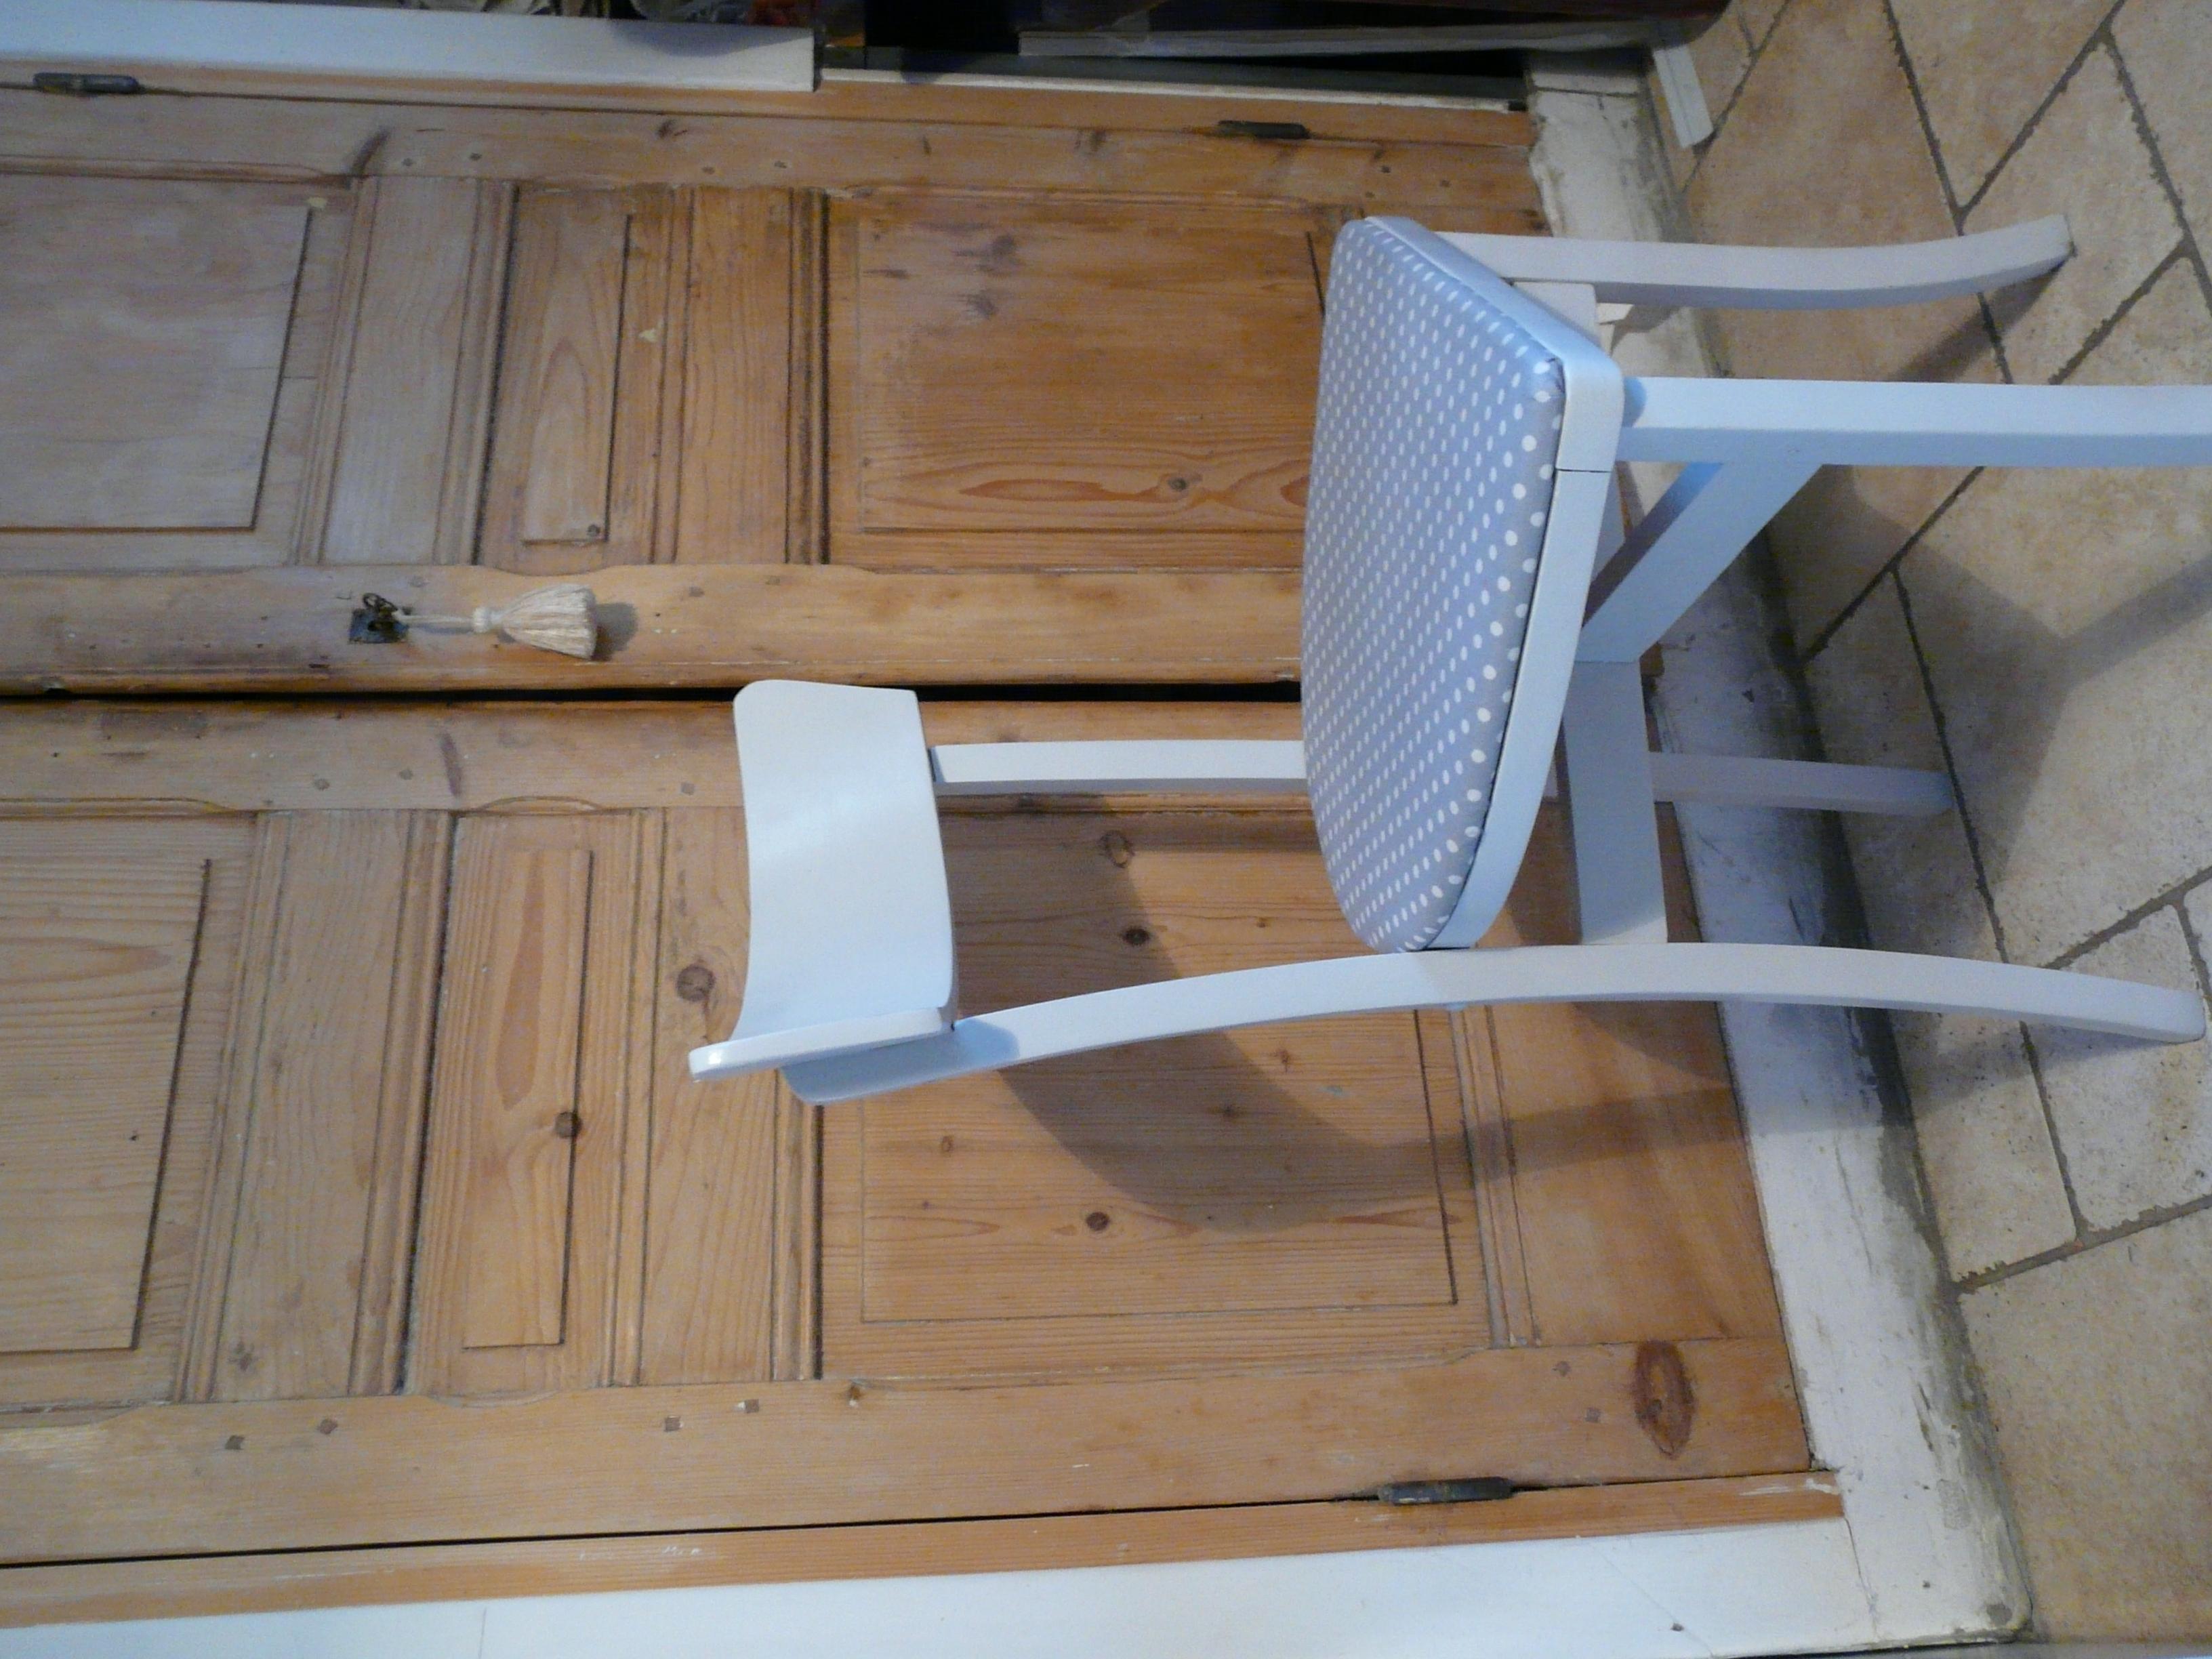 la chaise relookée, à petits pois